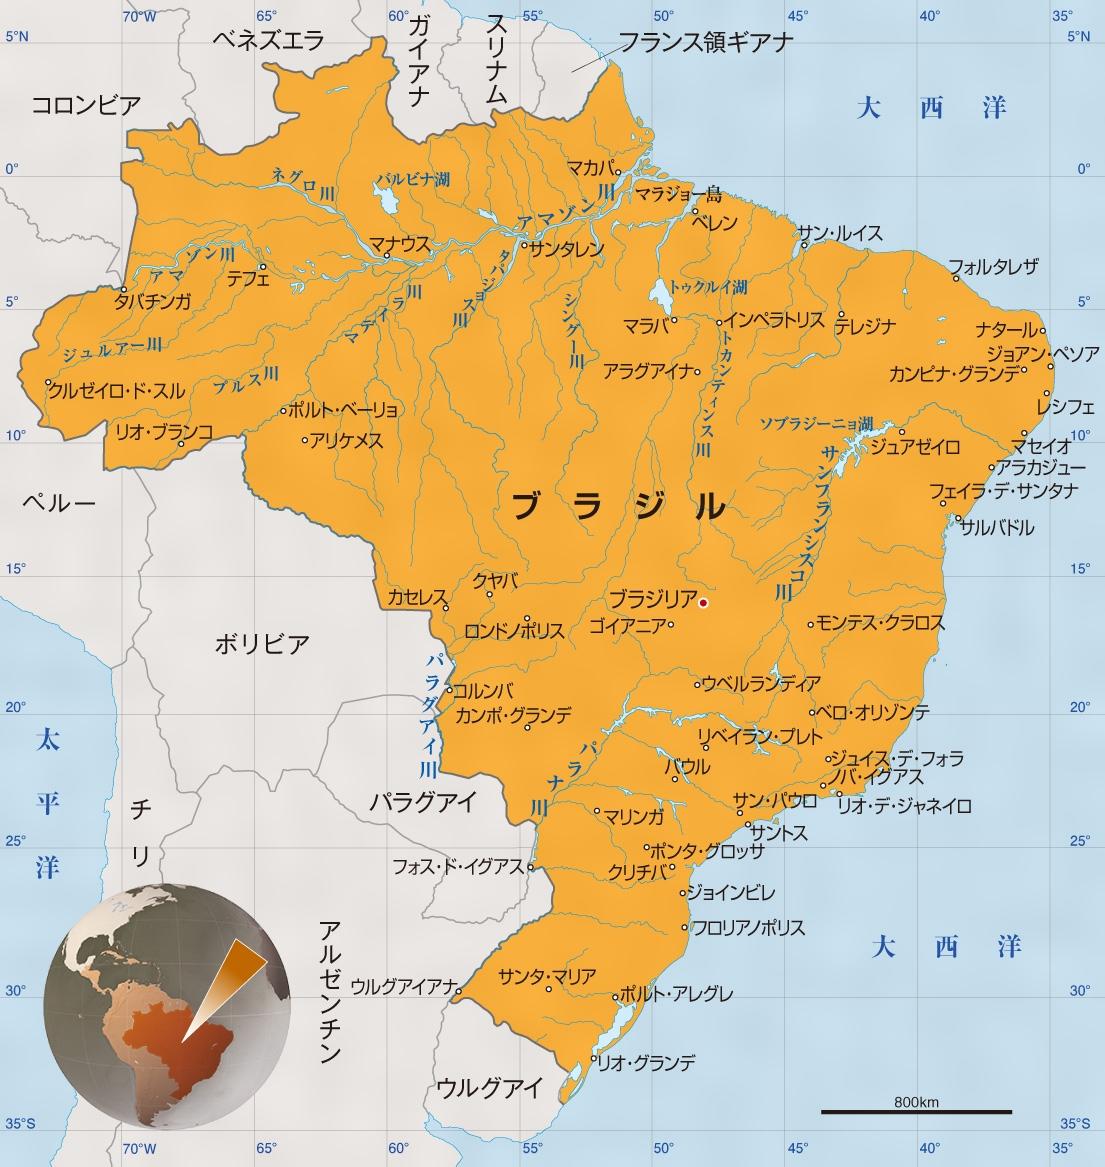 用語 公 ブラジル の